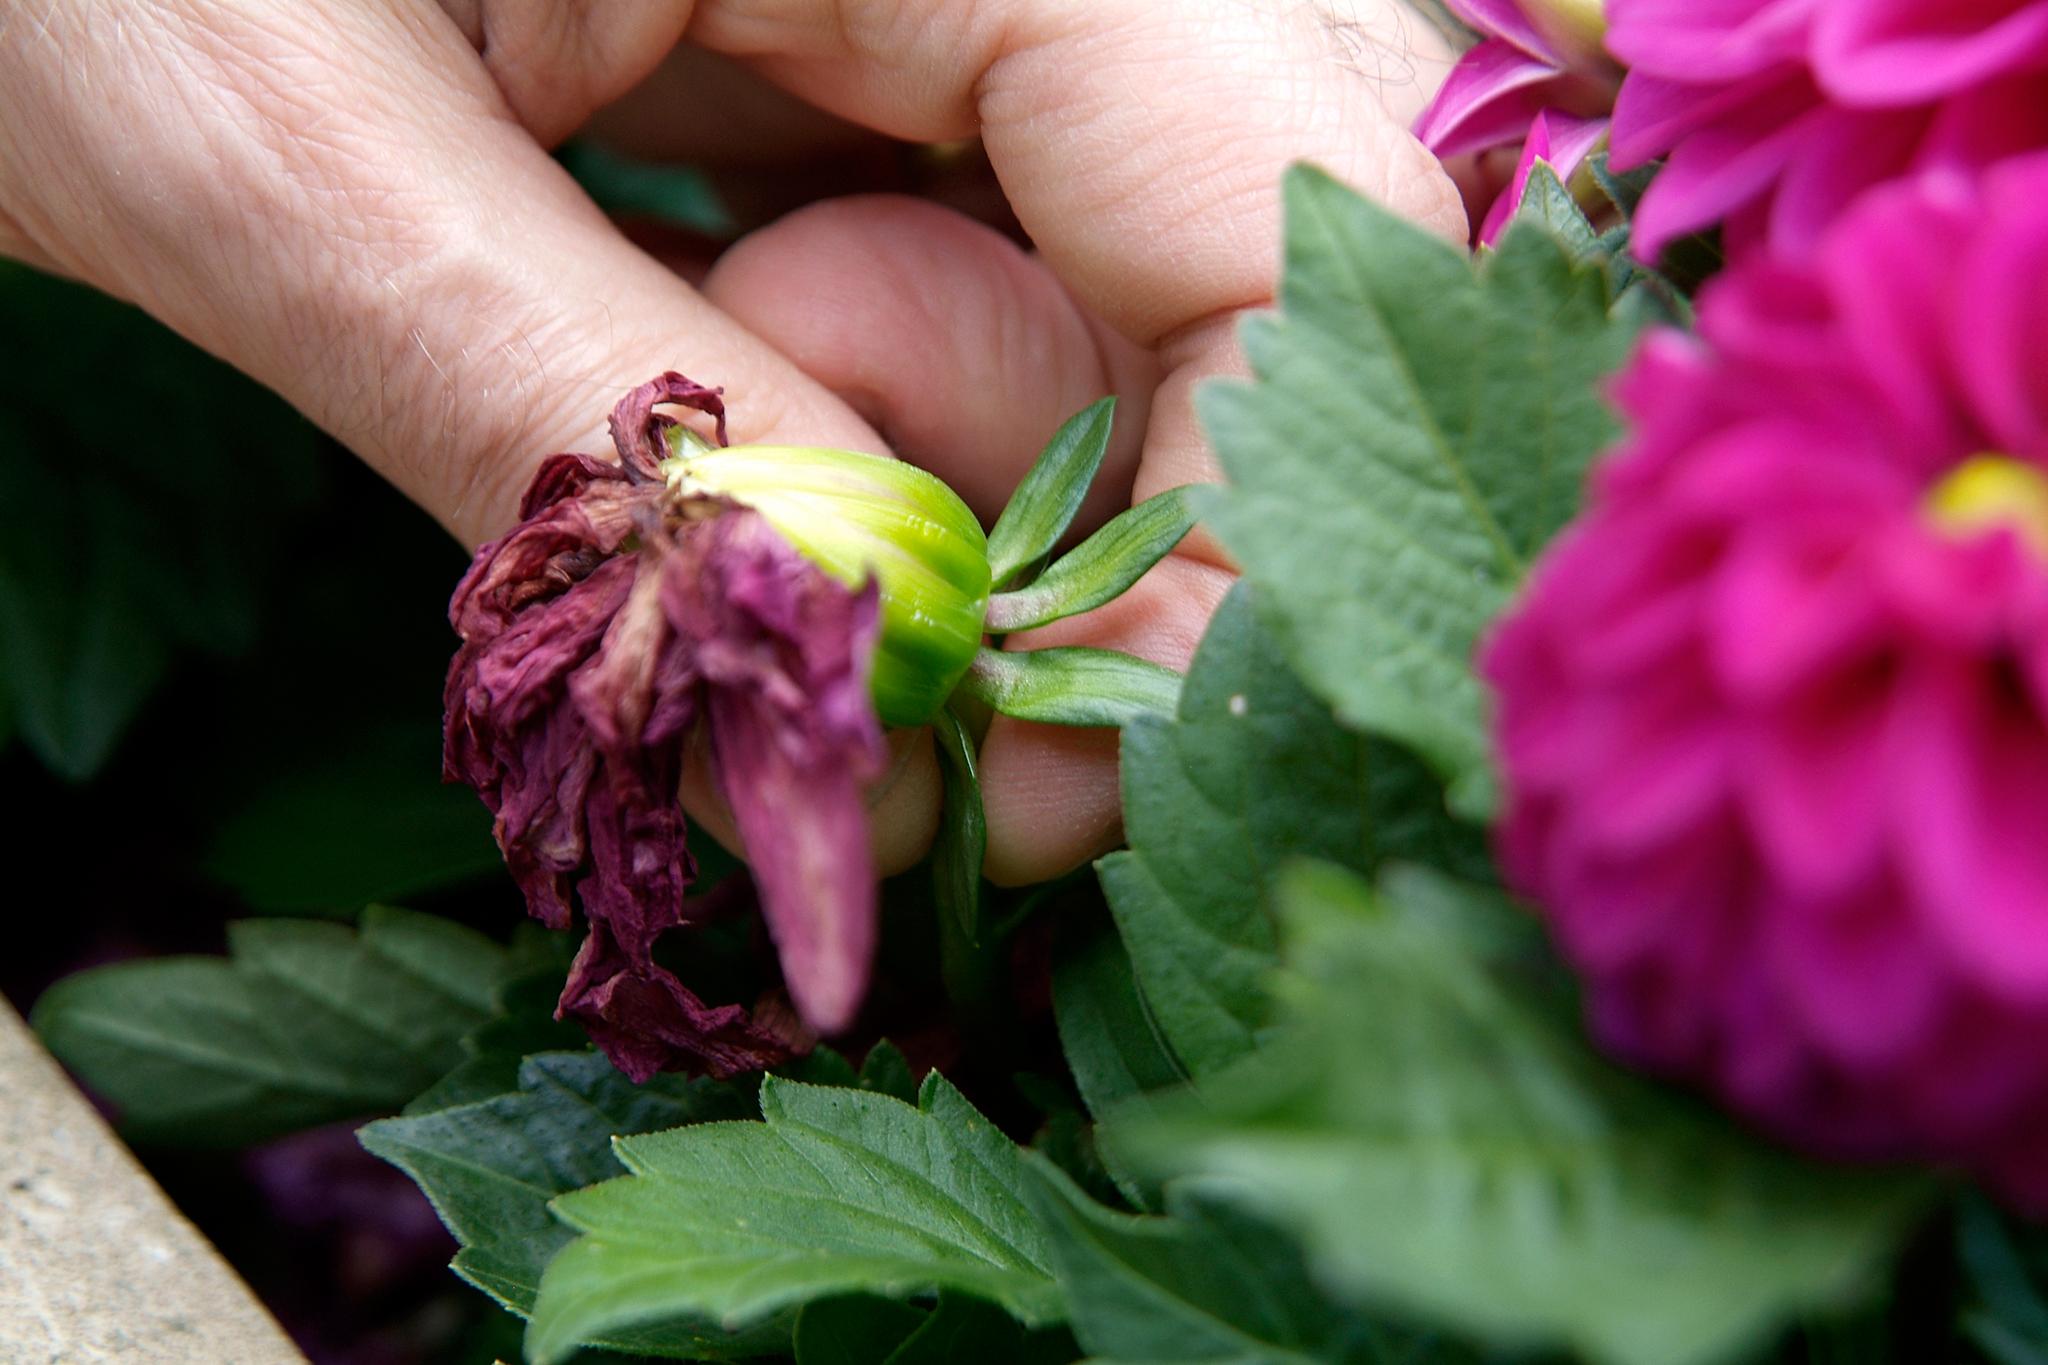 Bạn cần loại bỏ các cành hoa héo, hỏng để tránh lây sang các hoa khác.